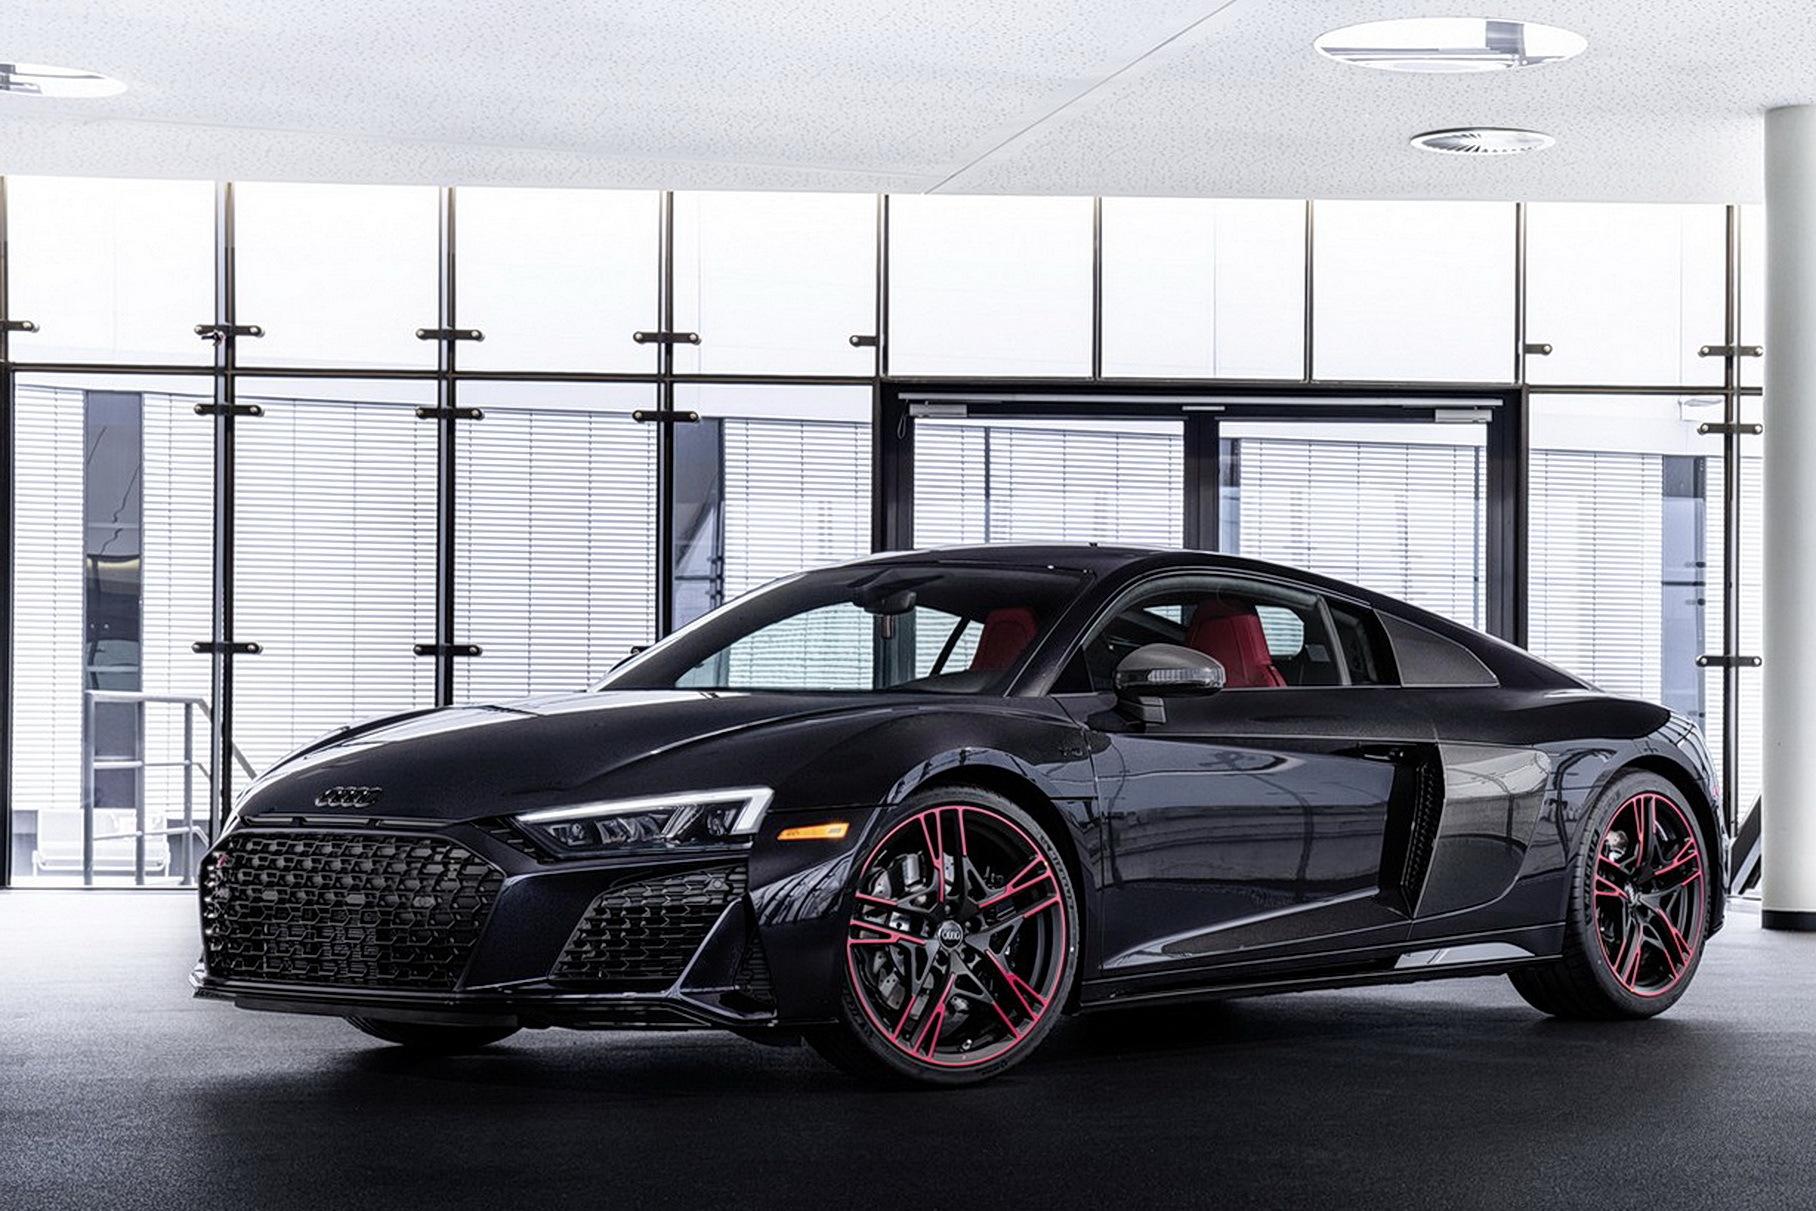 Audi выпустила спецверсию R8 в уникальном темно-фиолетовом цвете